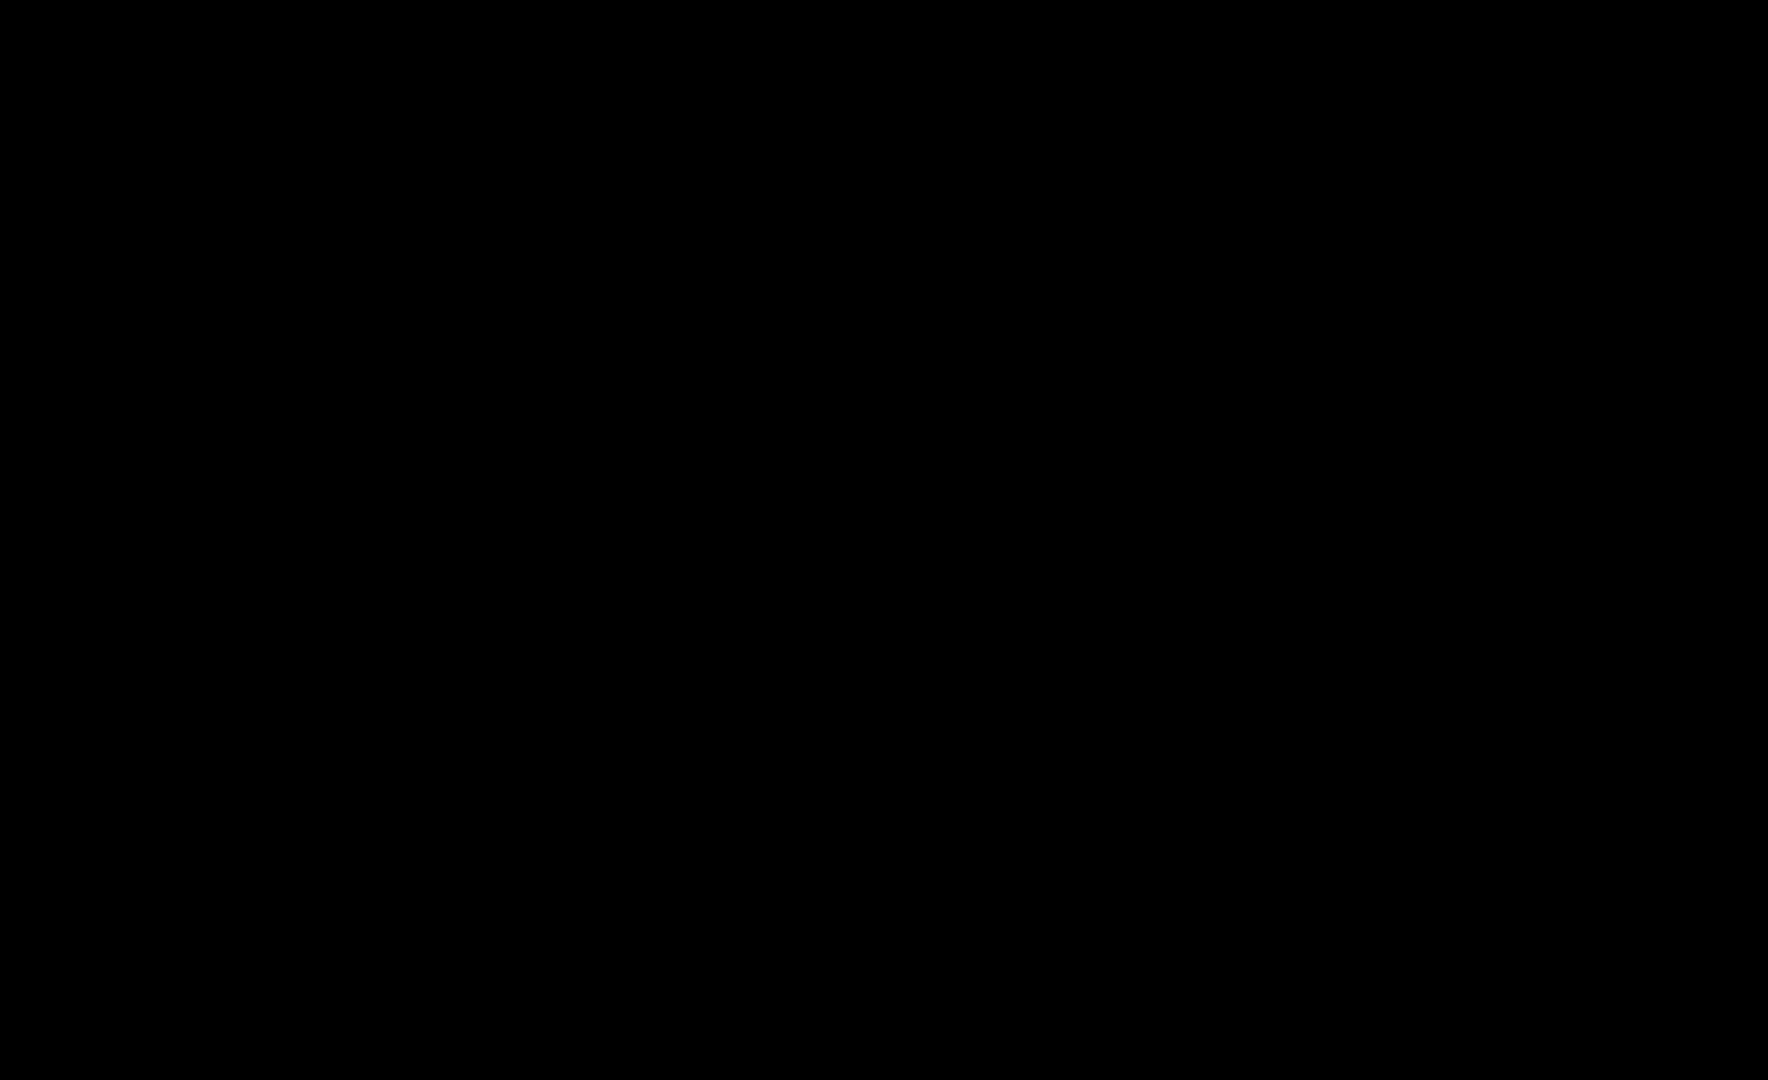 茅岩莓植物黄酮二氢杨梅素提取项目 环境影响评价第一次公示